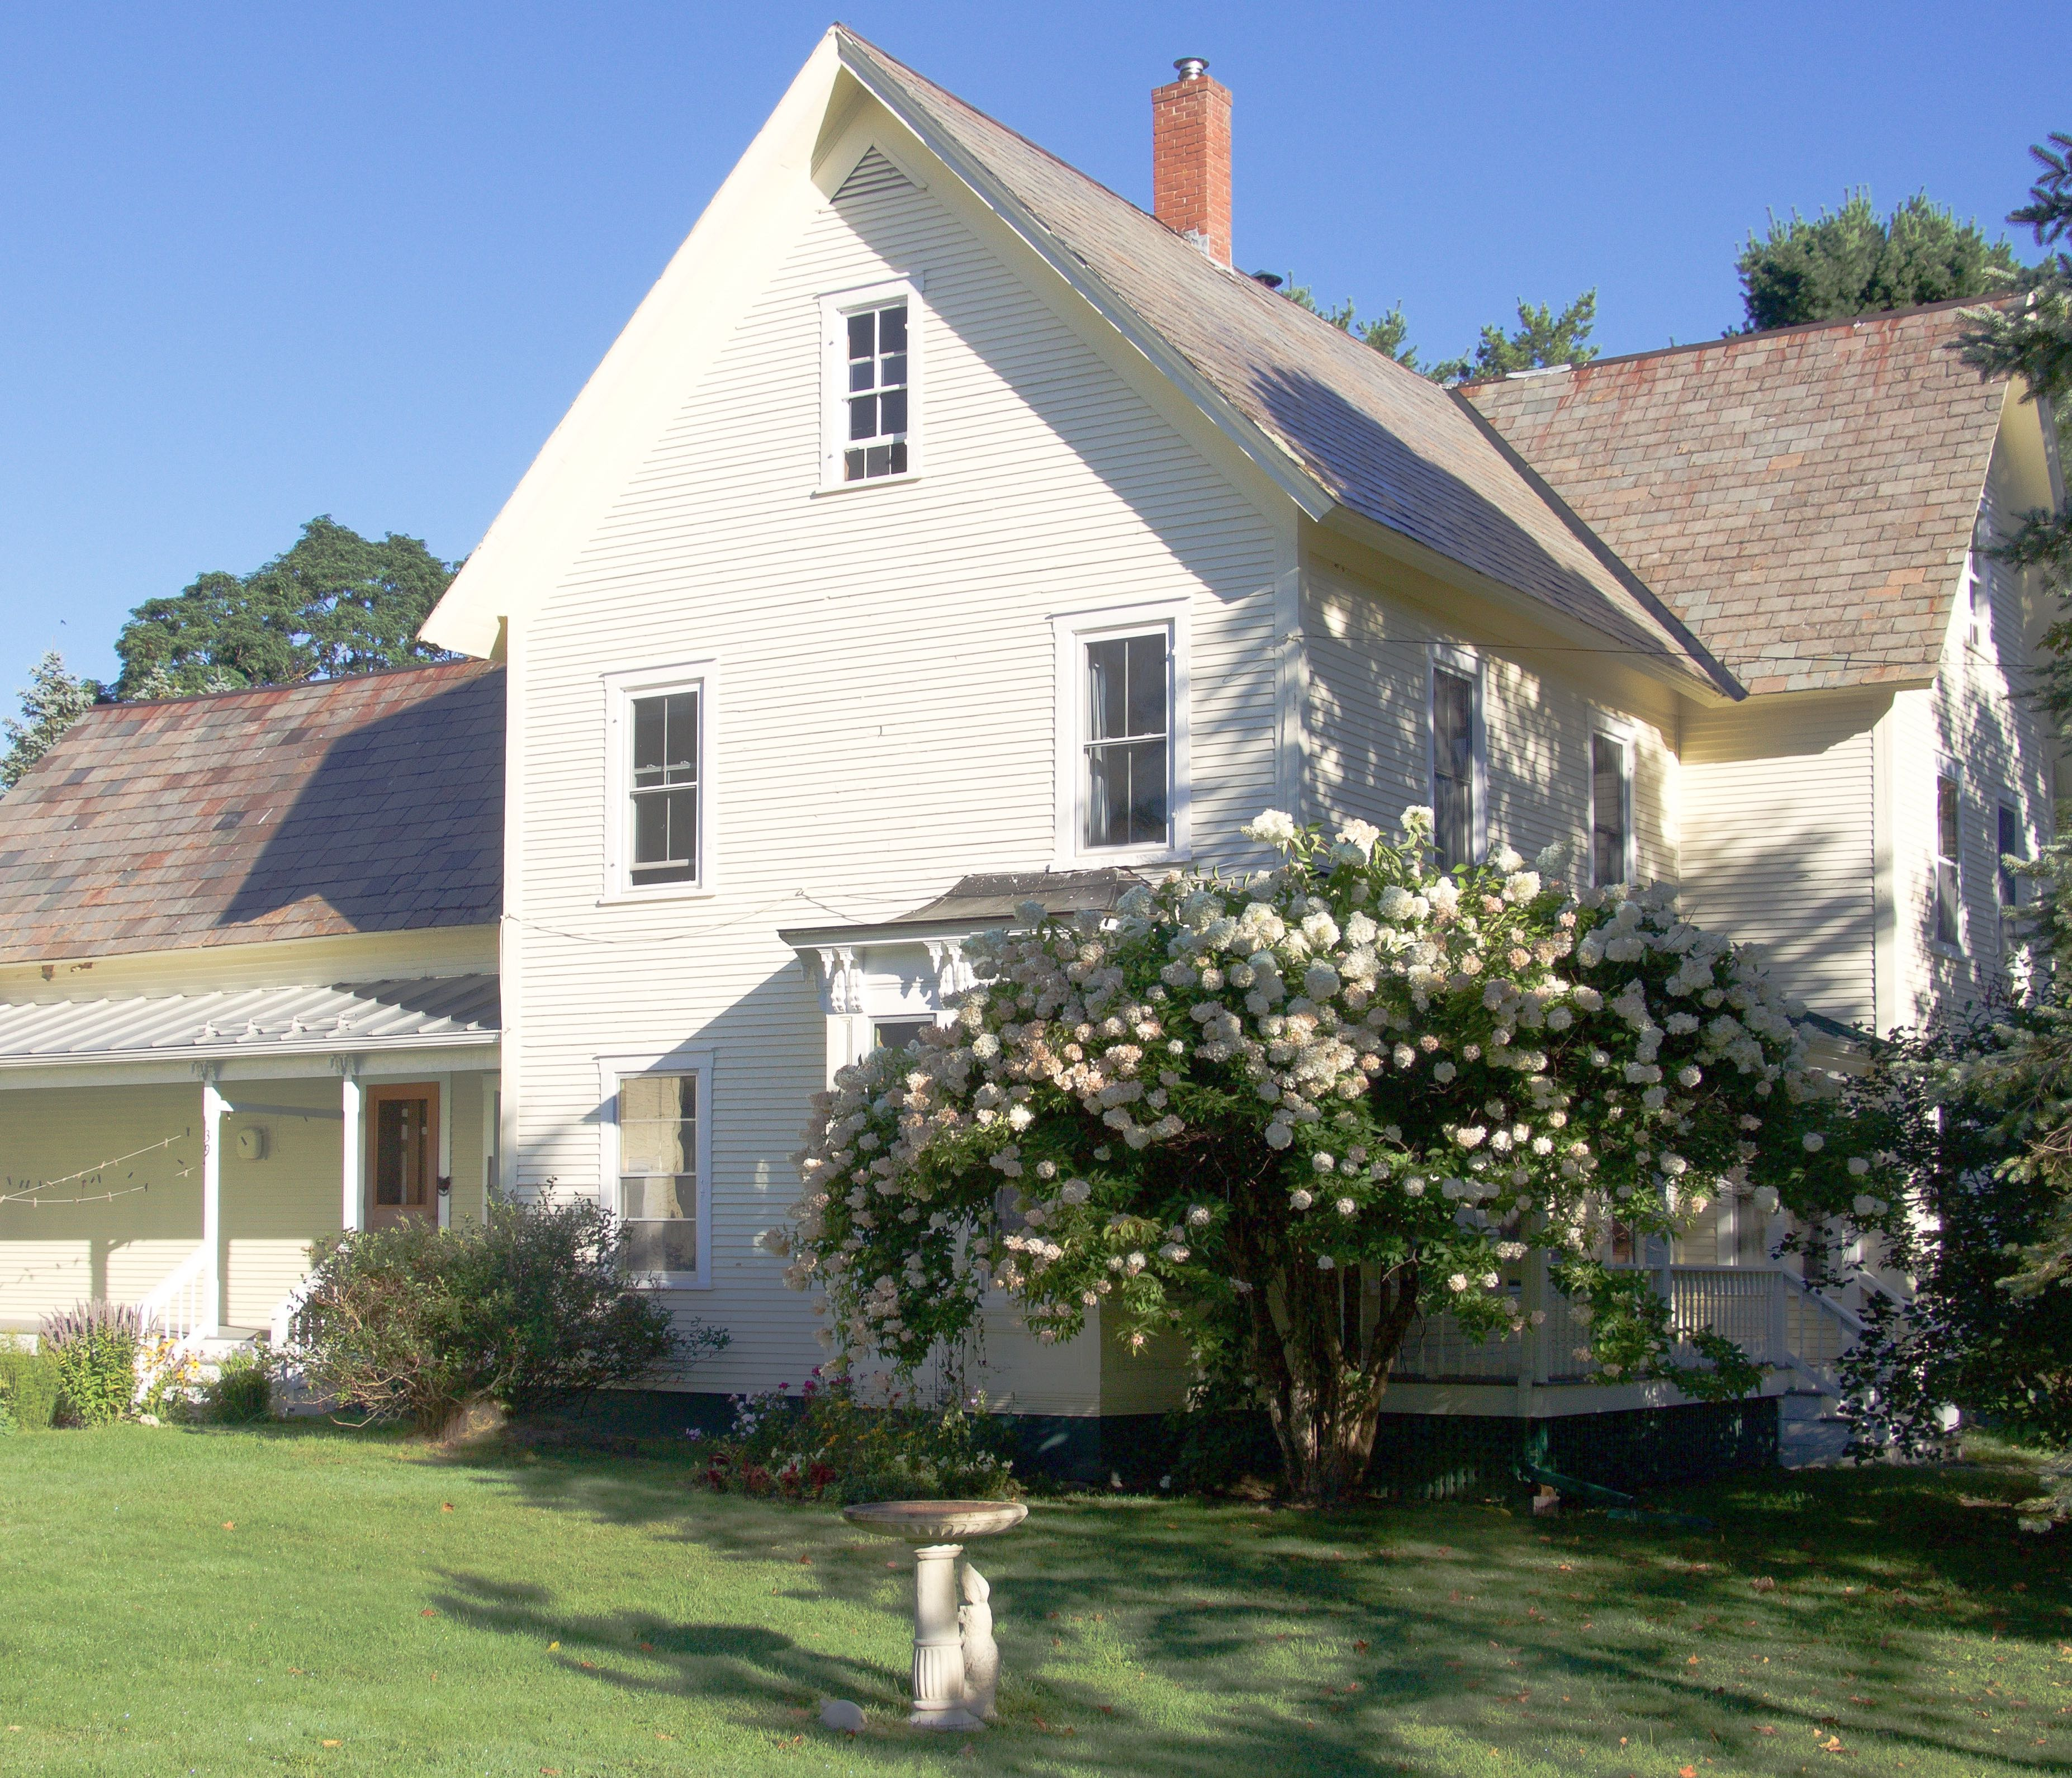 39 Quaker St, Lincoln, VT 05443